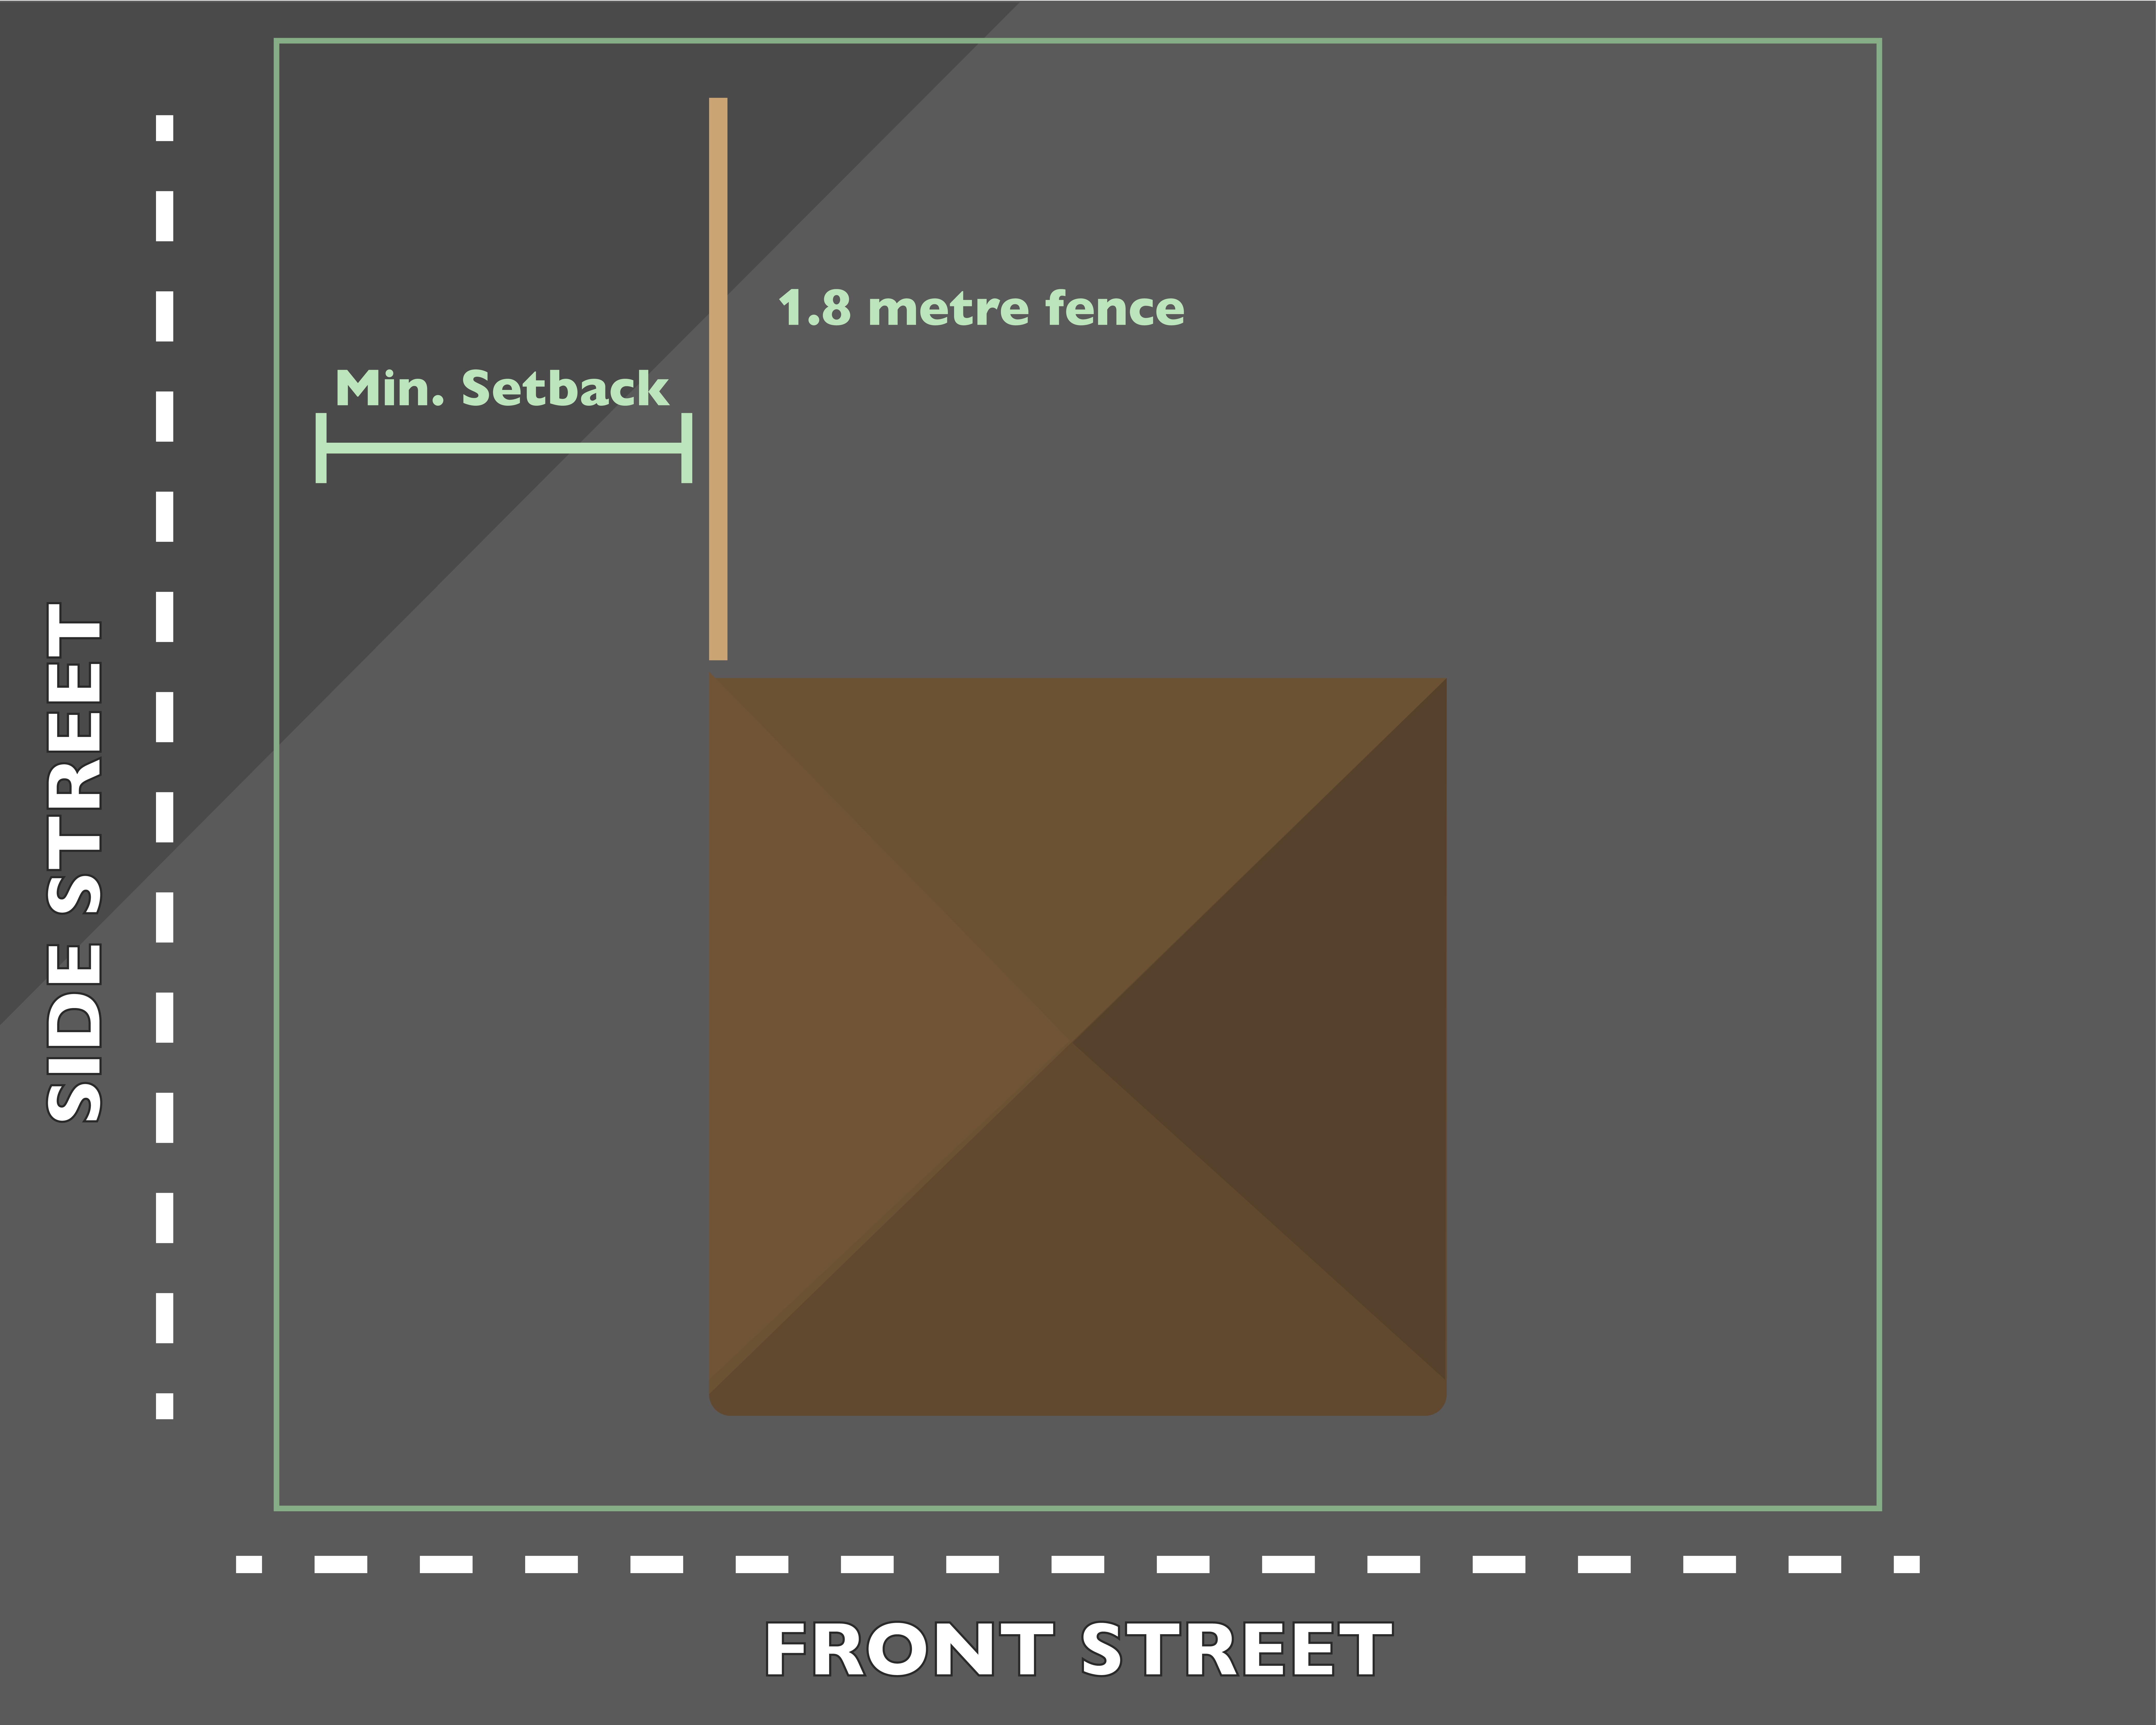 1.8 metre high fence in rear yard